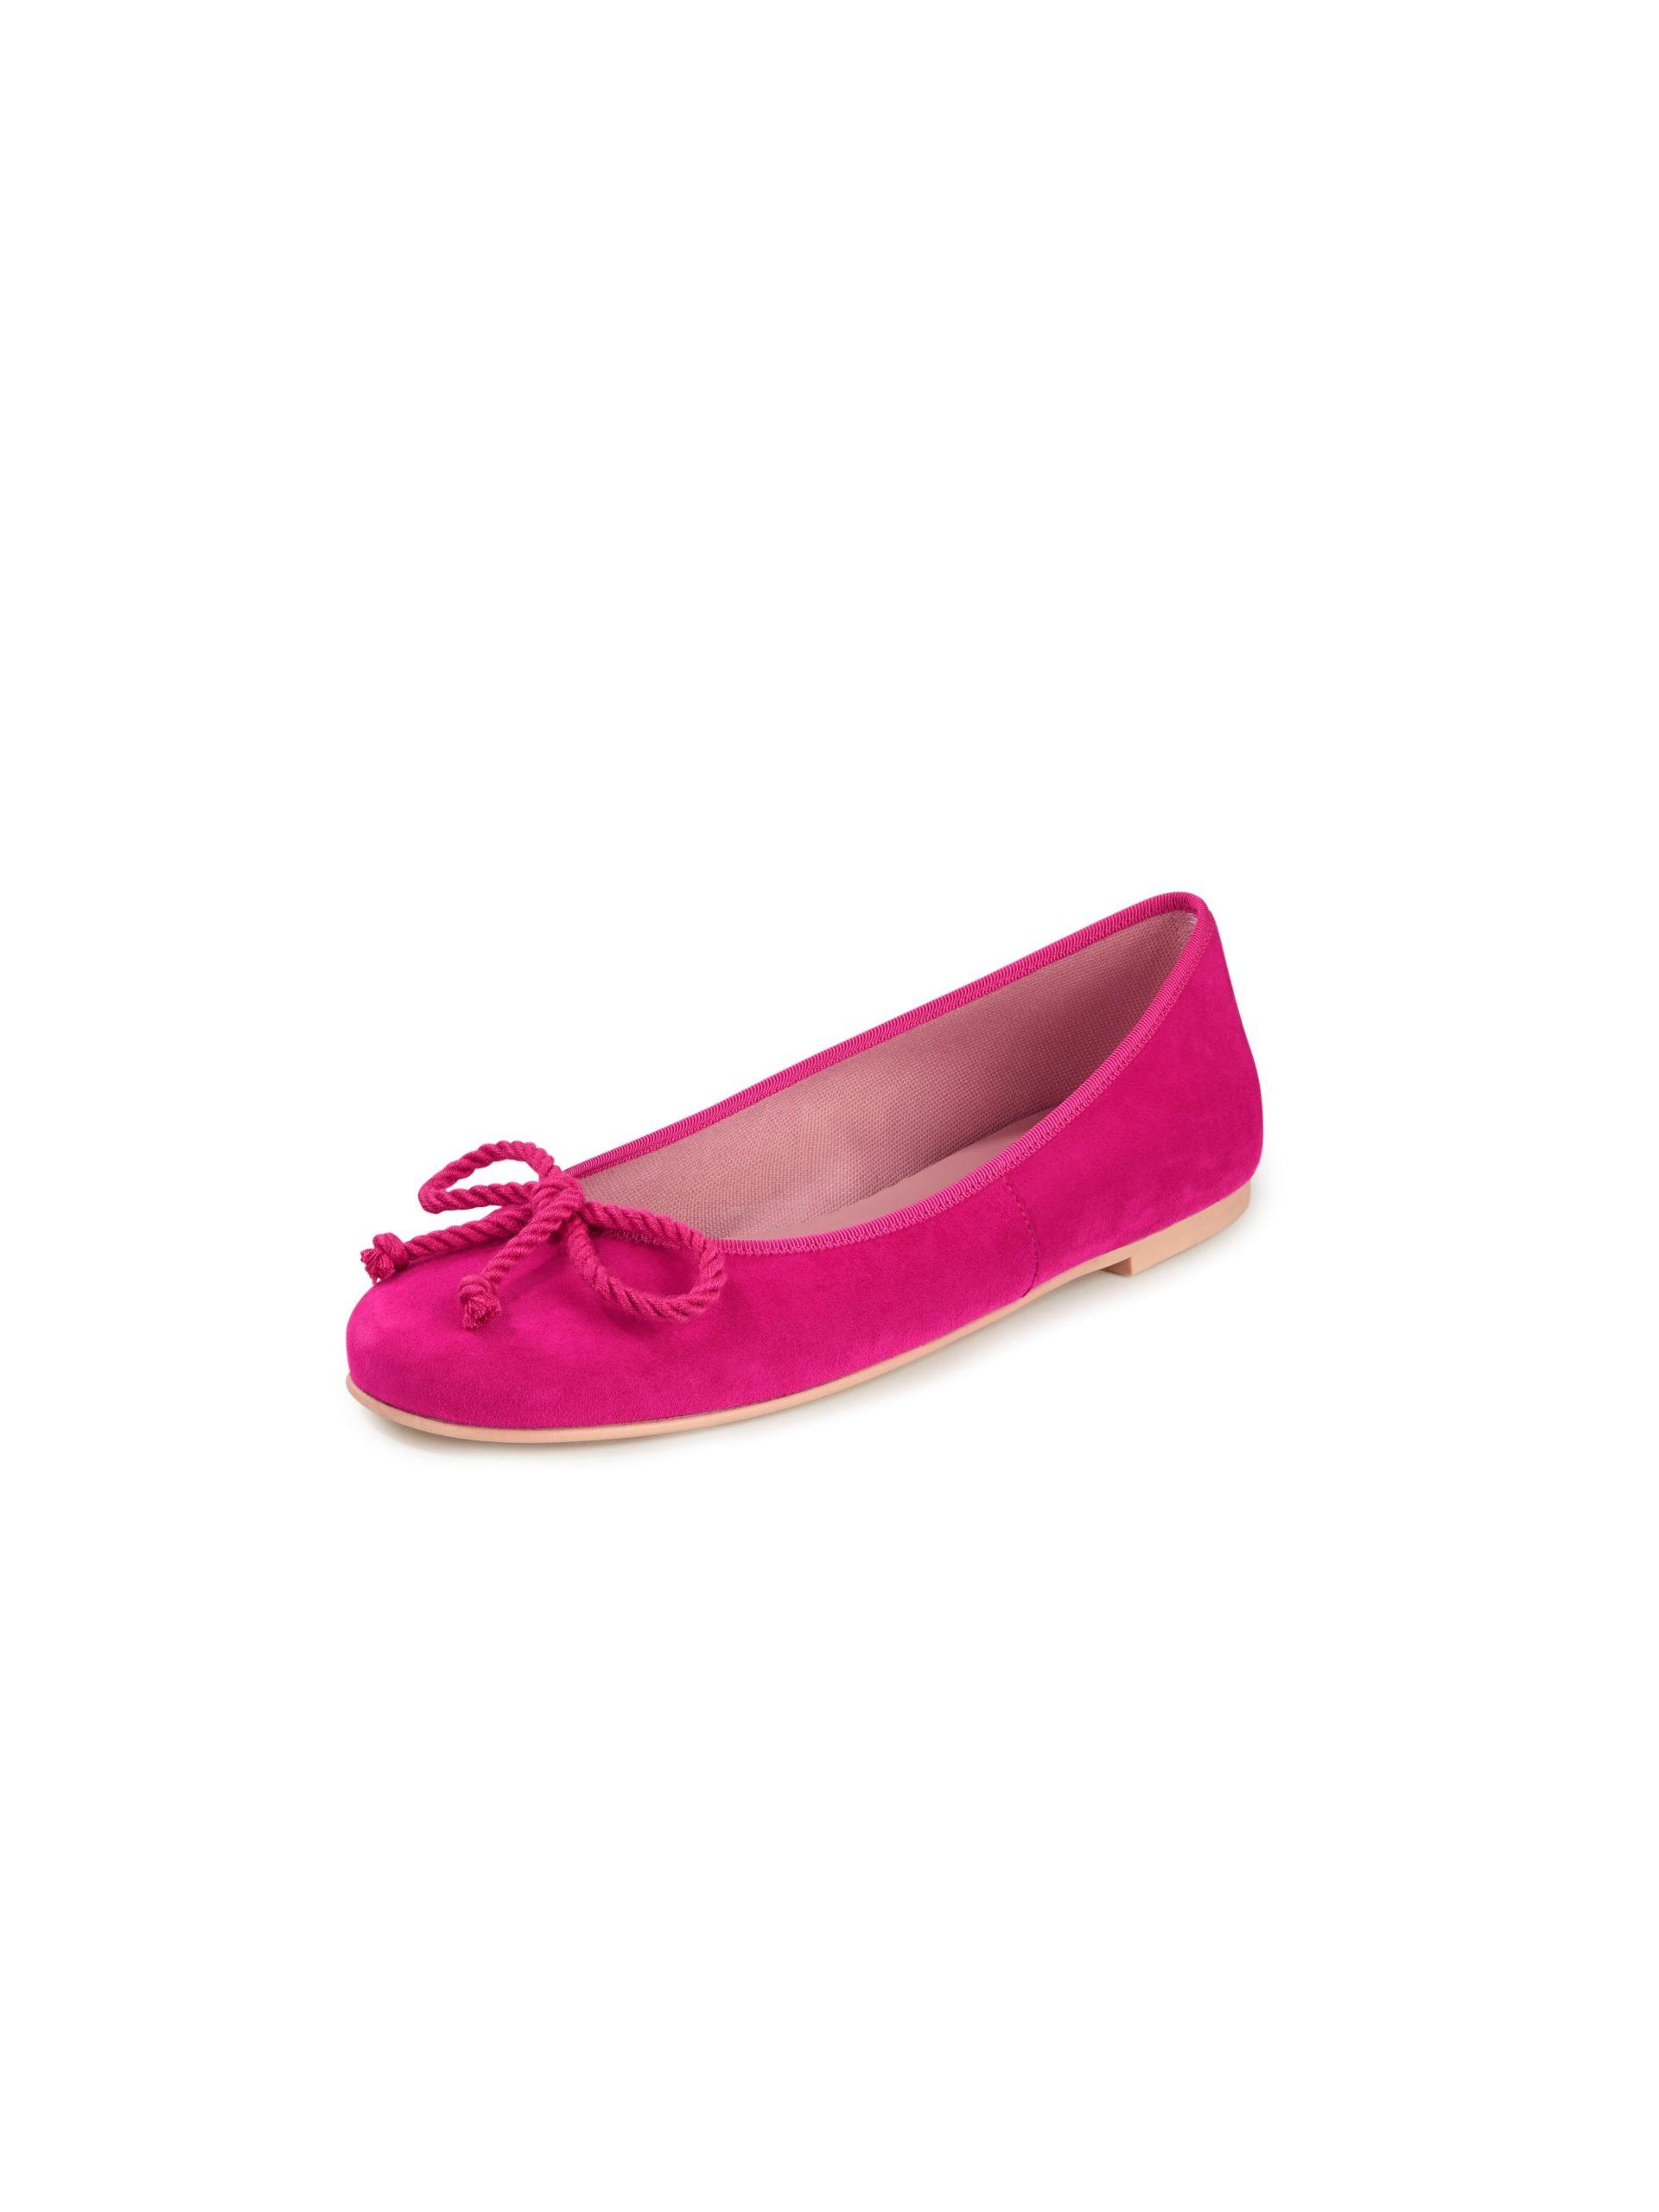 Ballerina's van geitensuèdeleer met koordstri Van Pretty Ballerinas roze Kopen